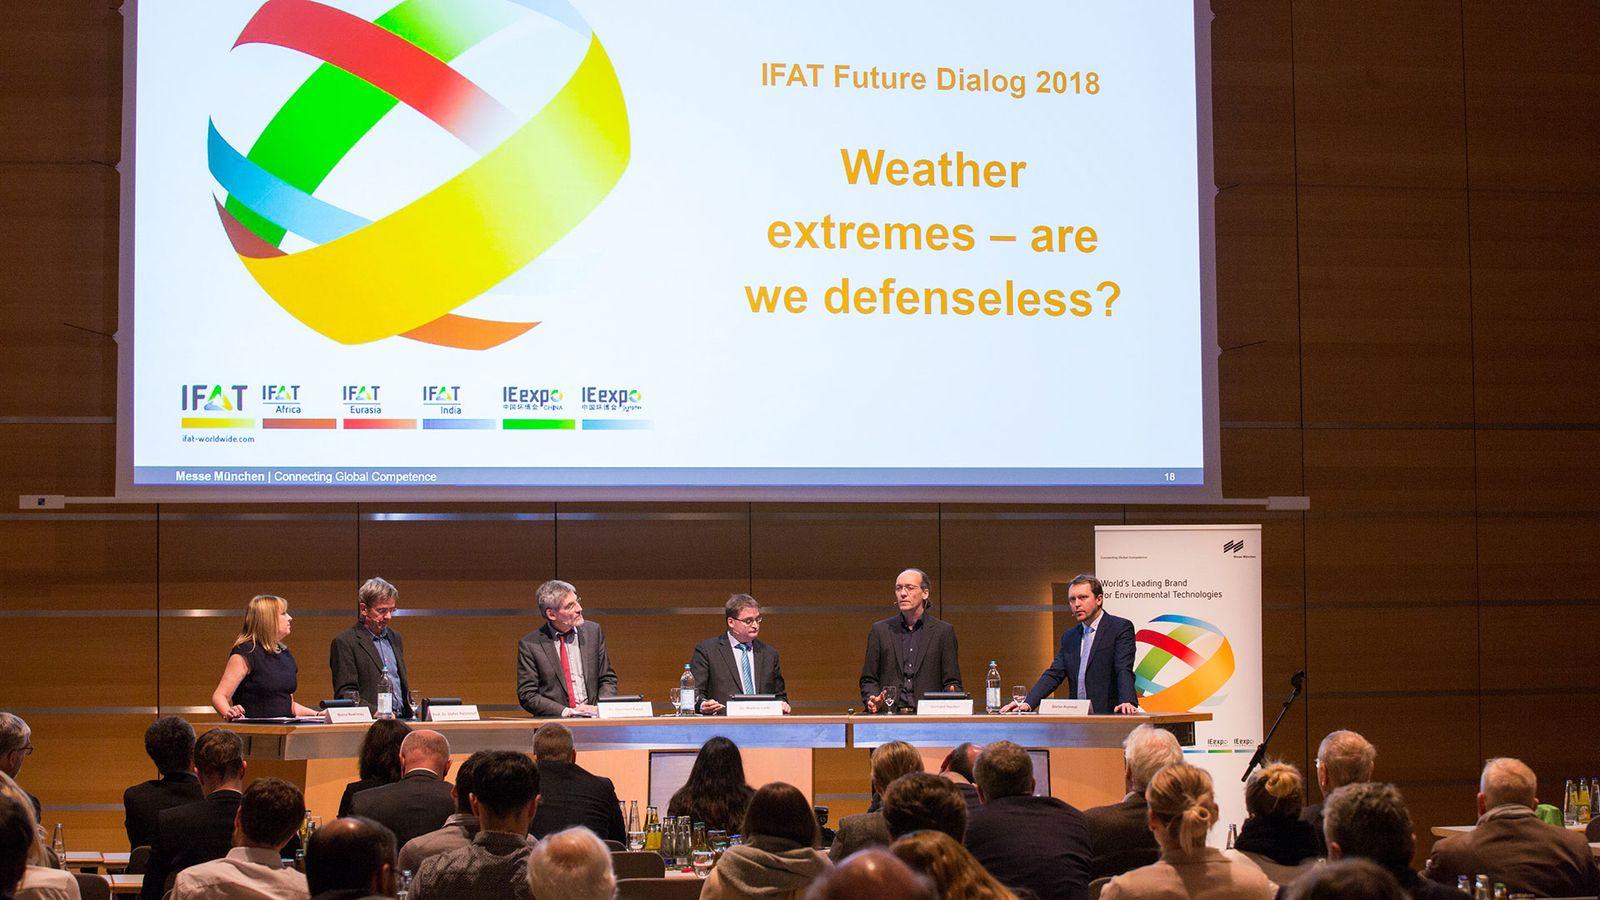 EINMALIGE VERWENDUNG IFAT 2018 / Zukunftsdialog / Podiumsdiskussion